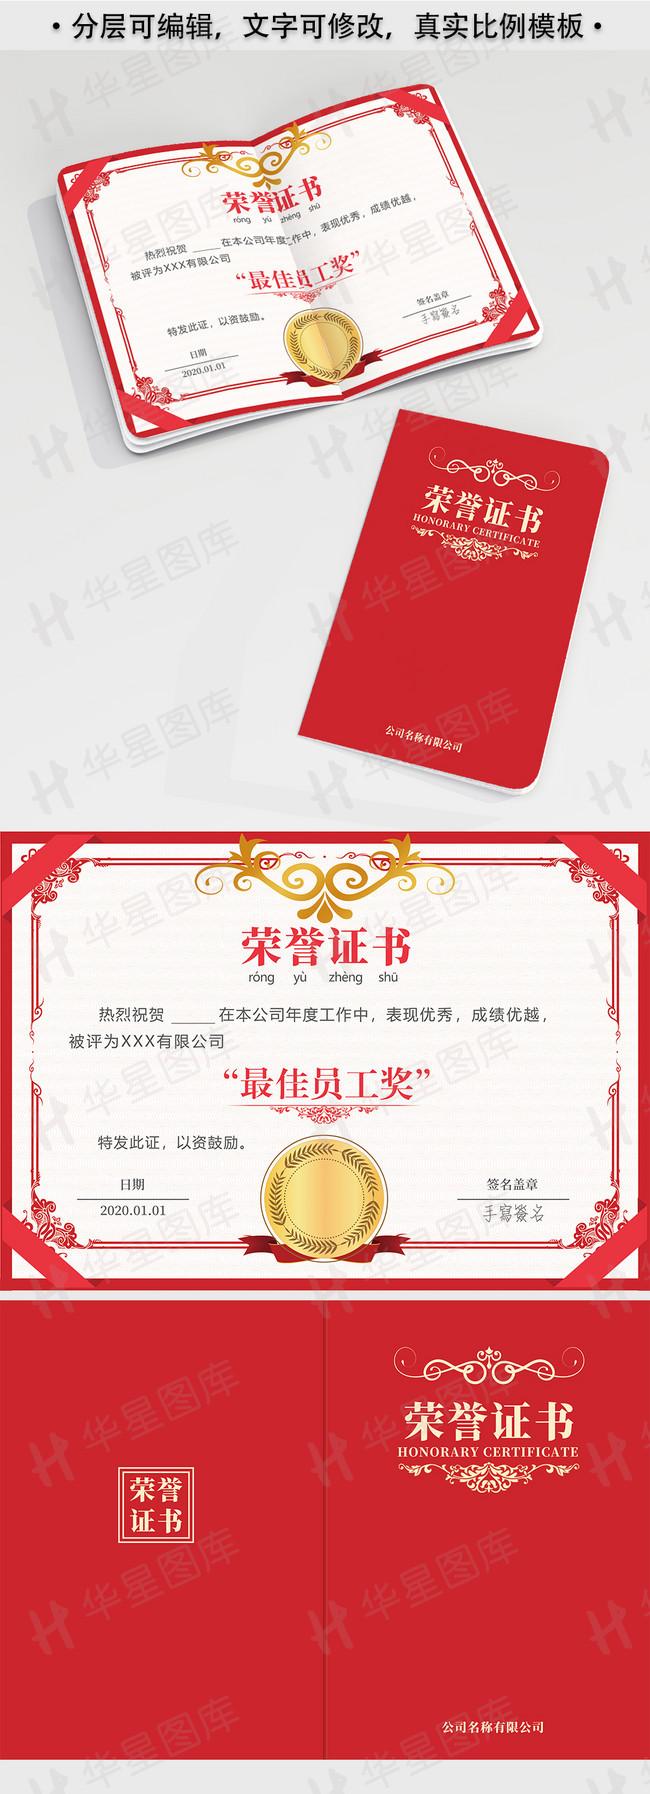 企业表彰荣誉证书模板